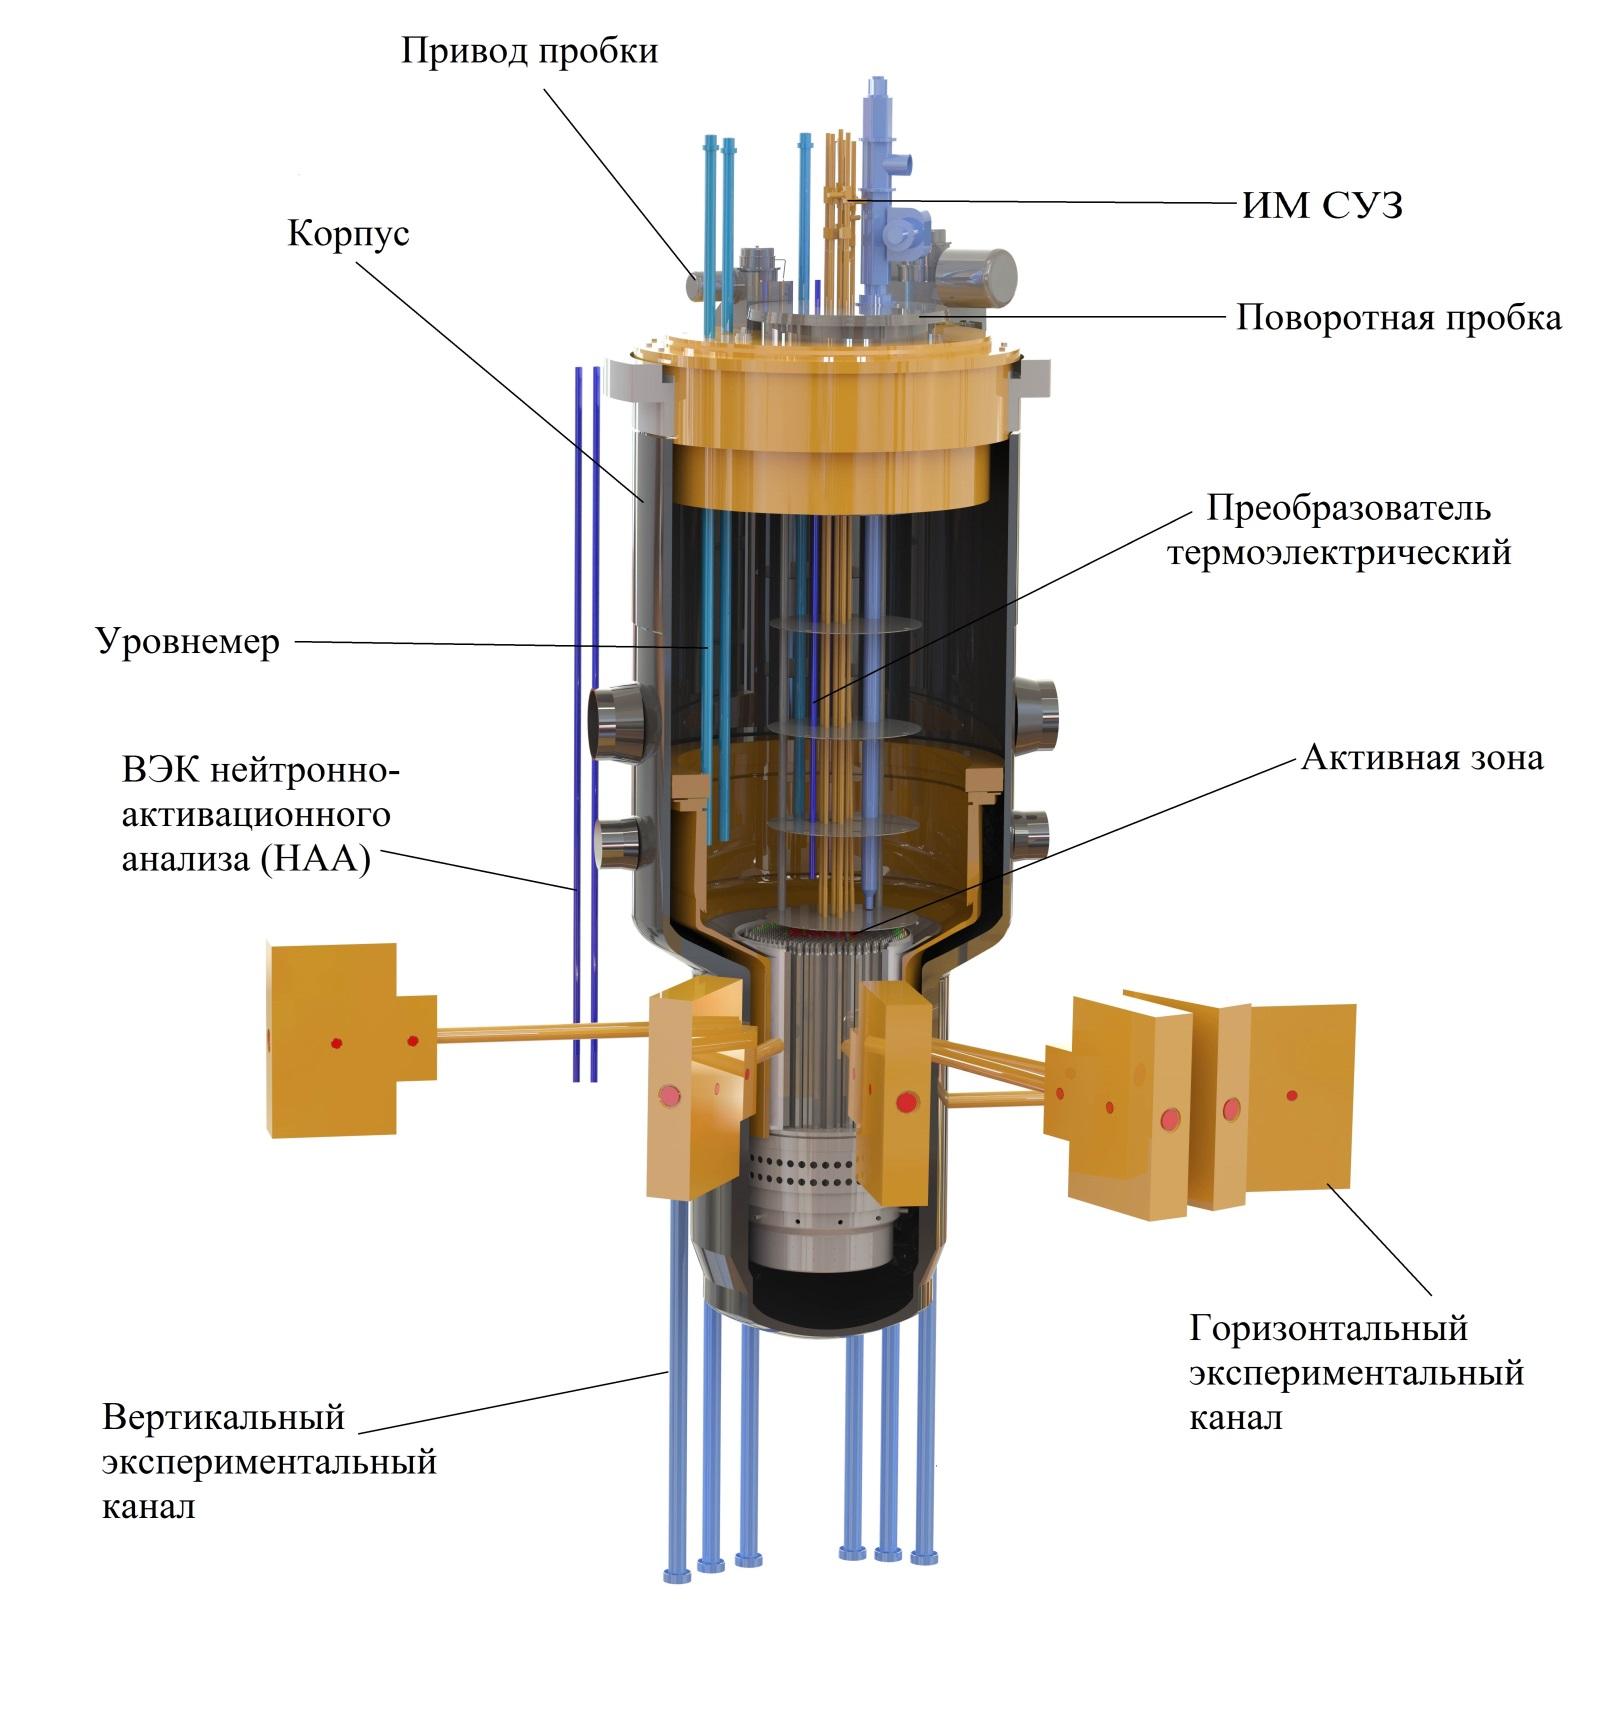 Трехмерная модель реактора на быстрых нейтронах